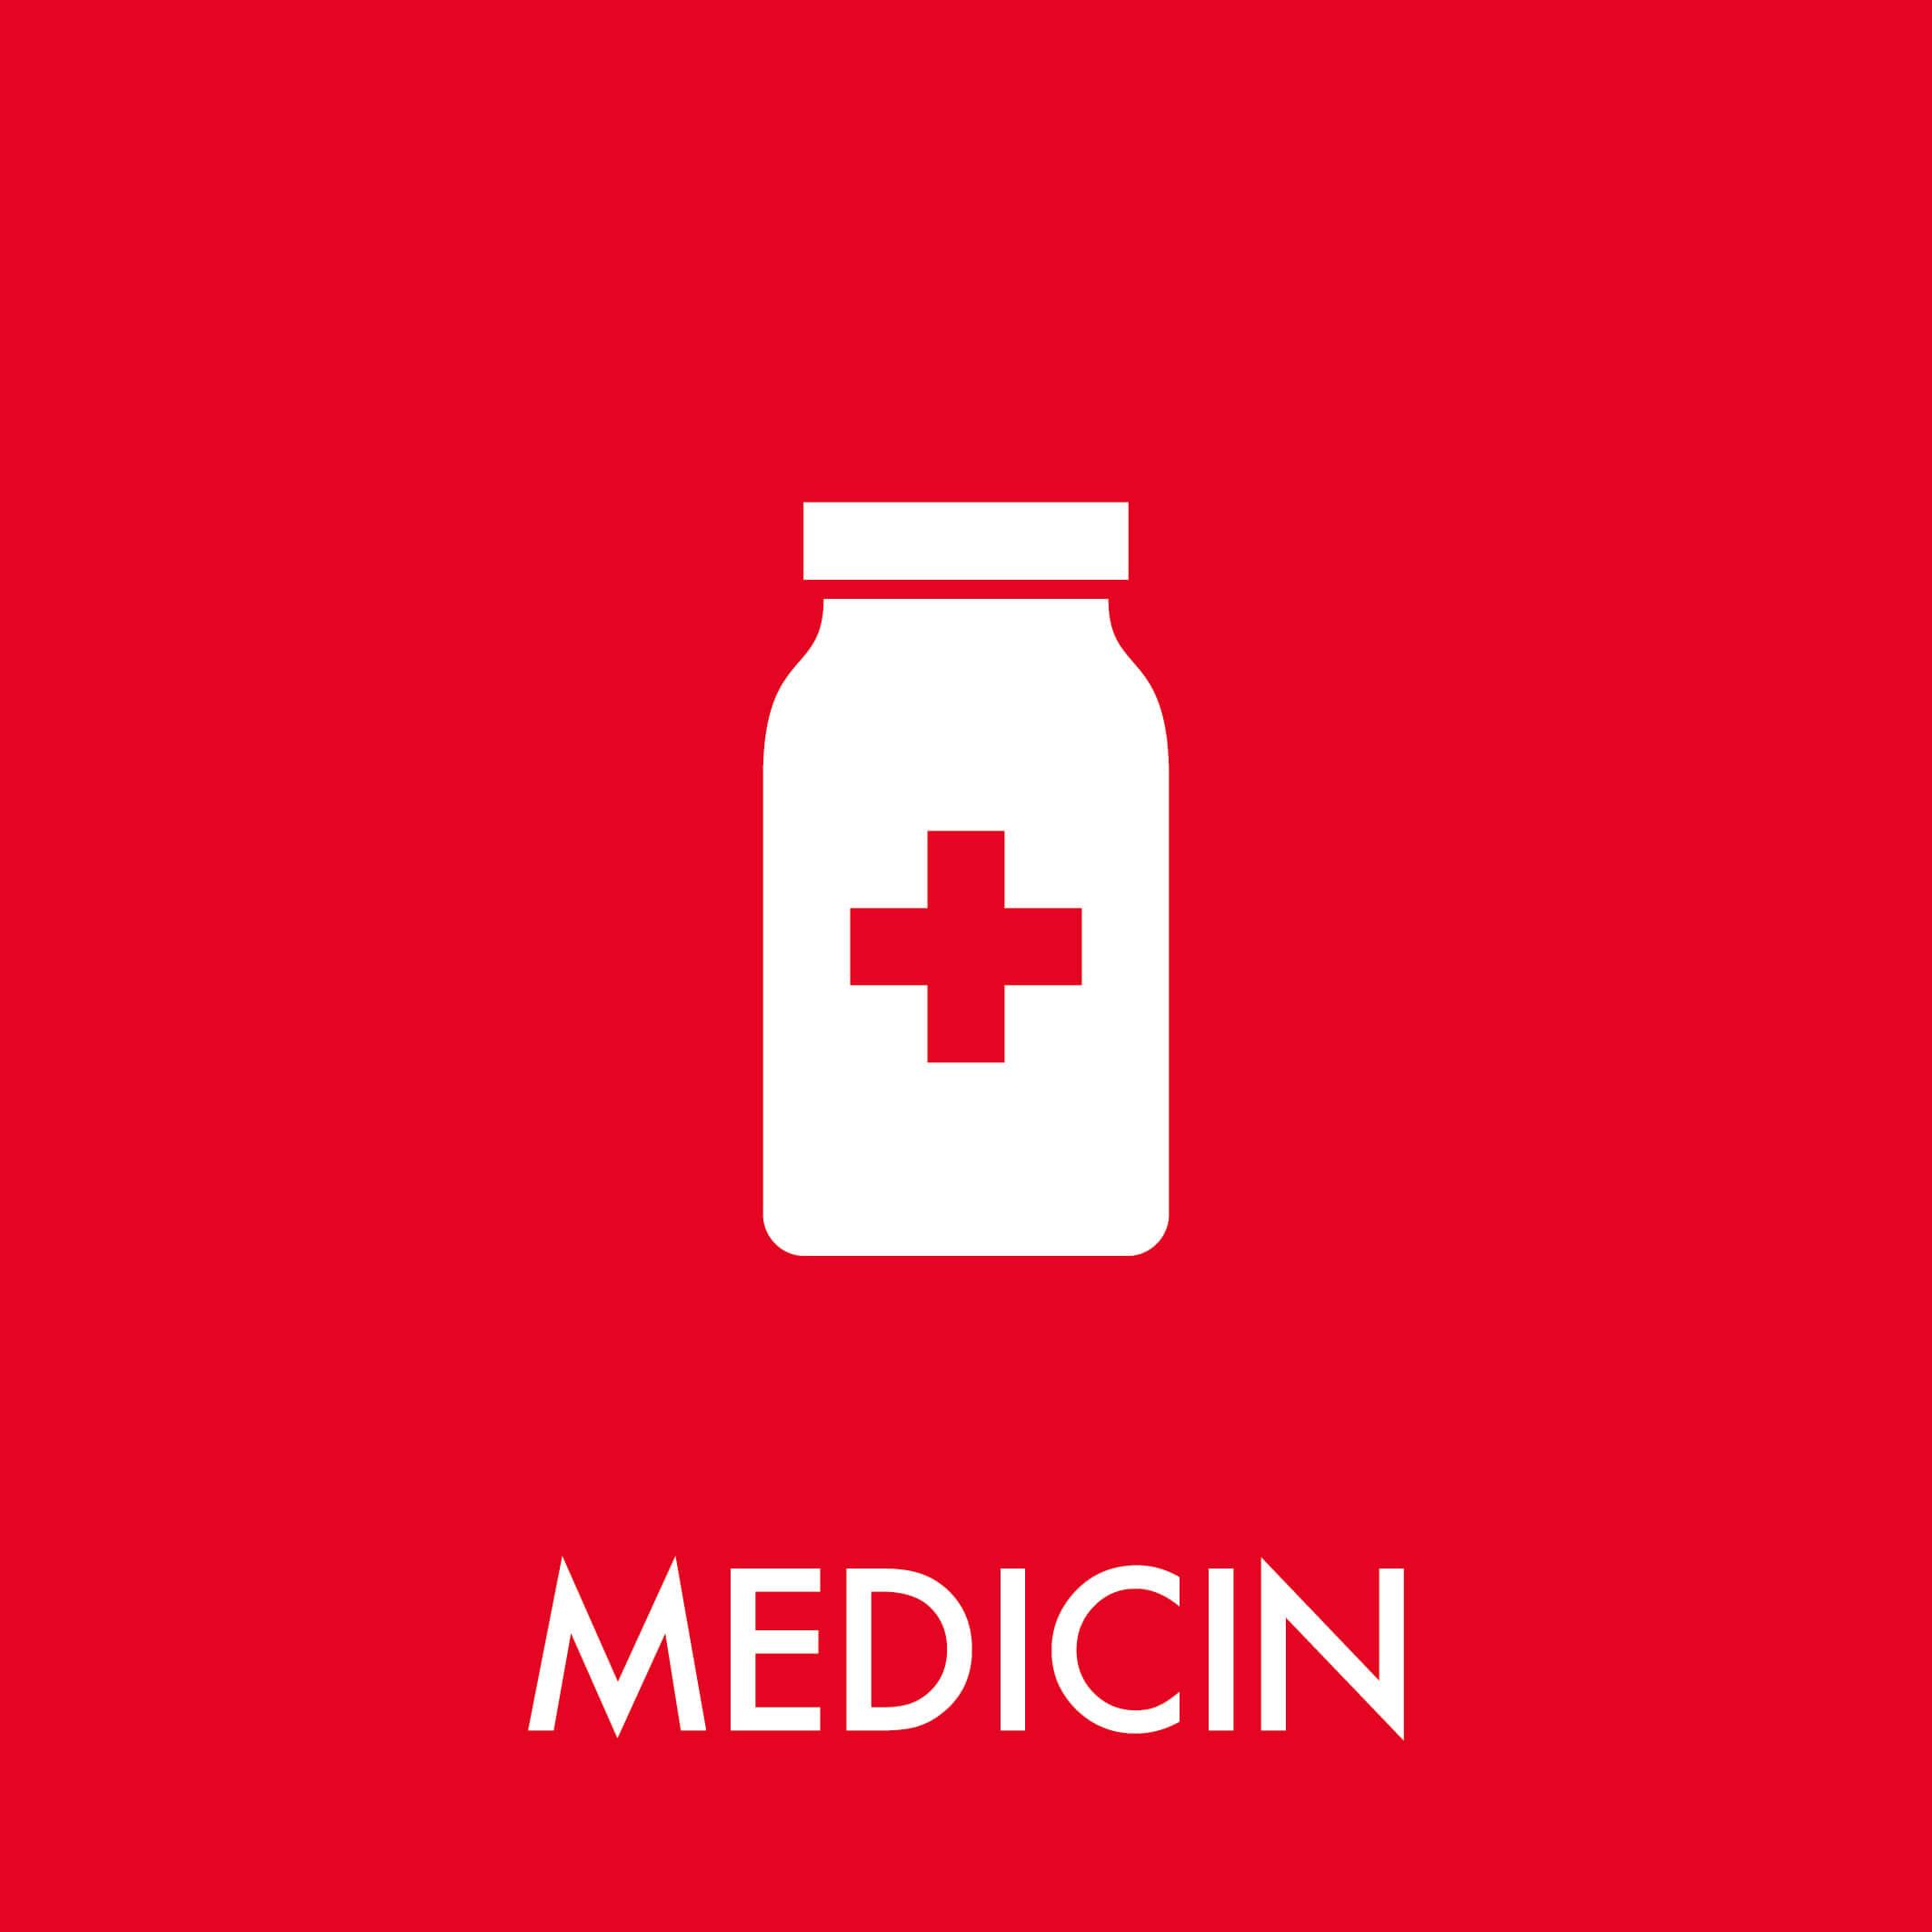 Dansk Affaldssortering - Medicin